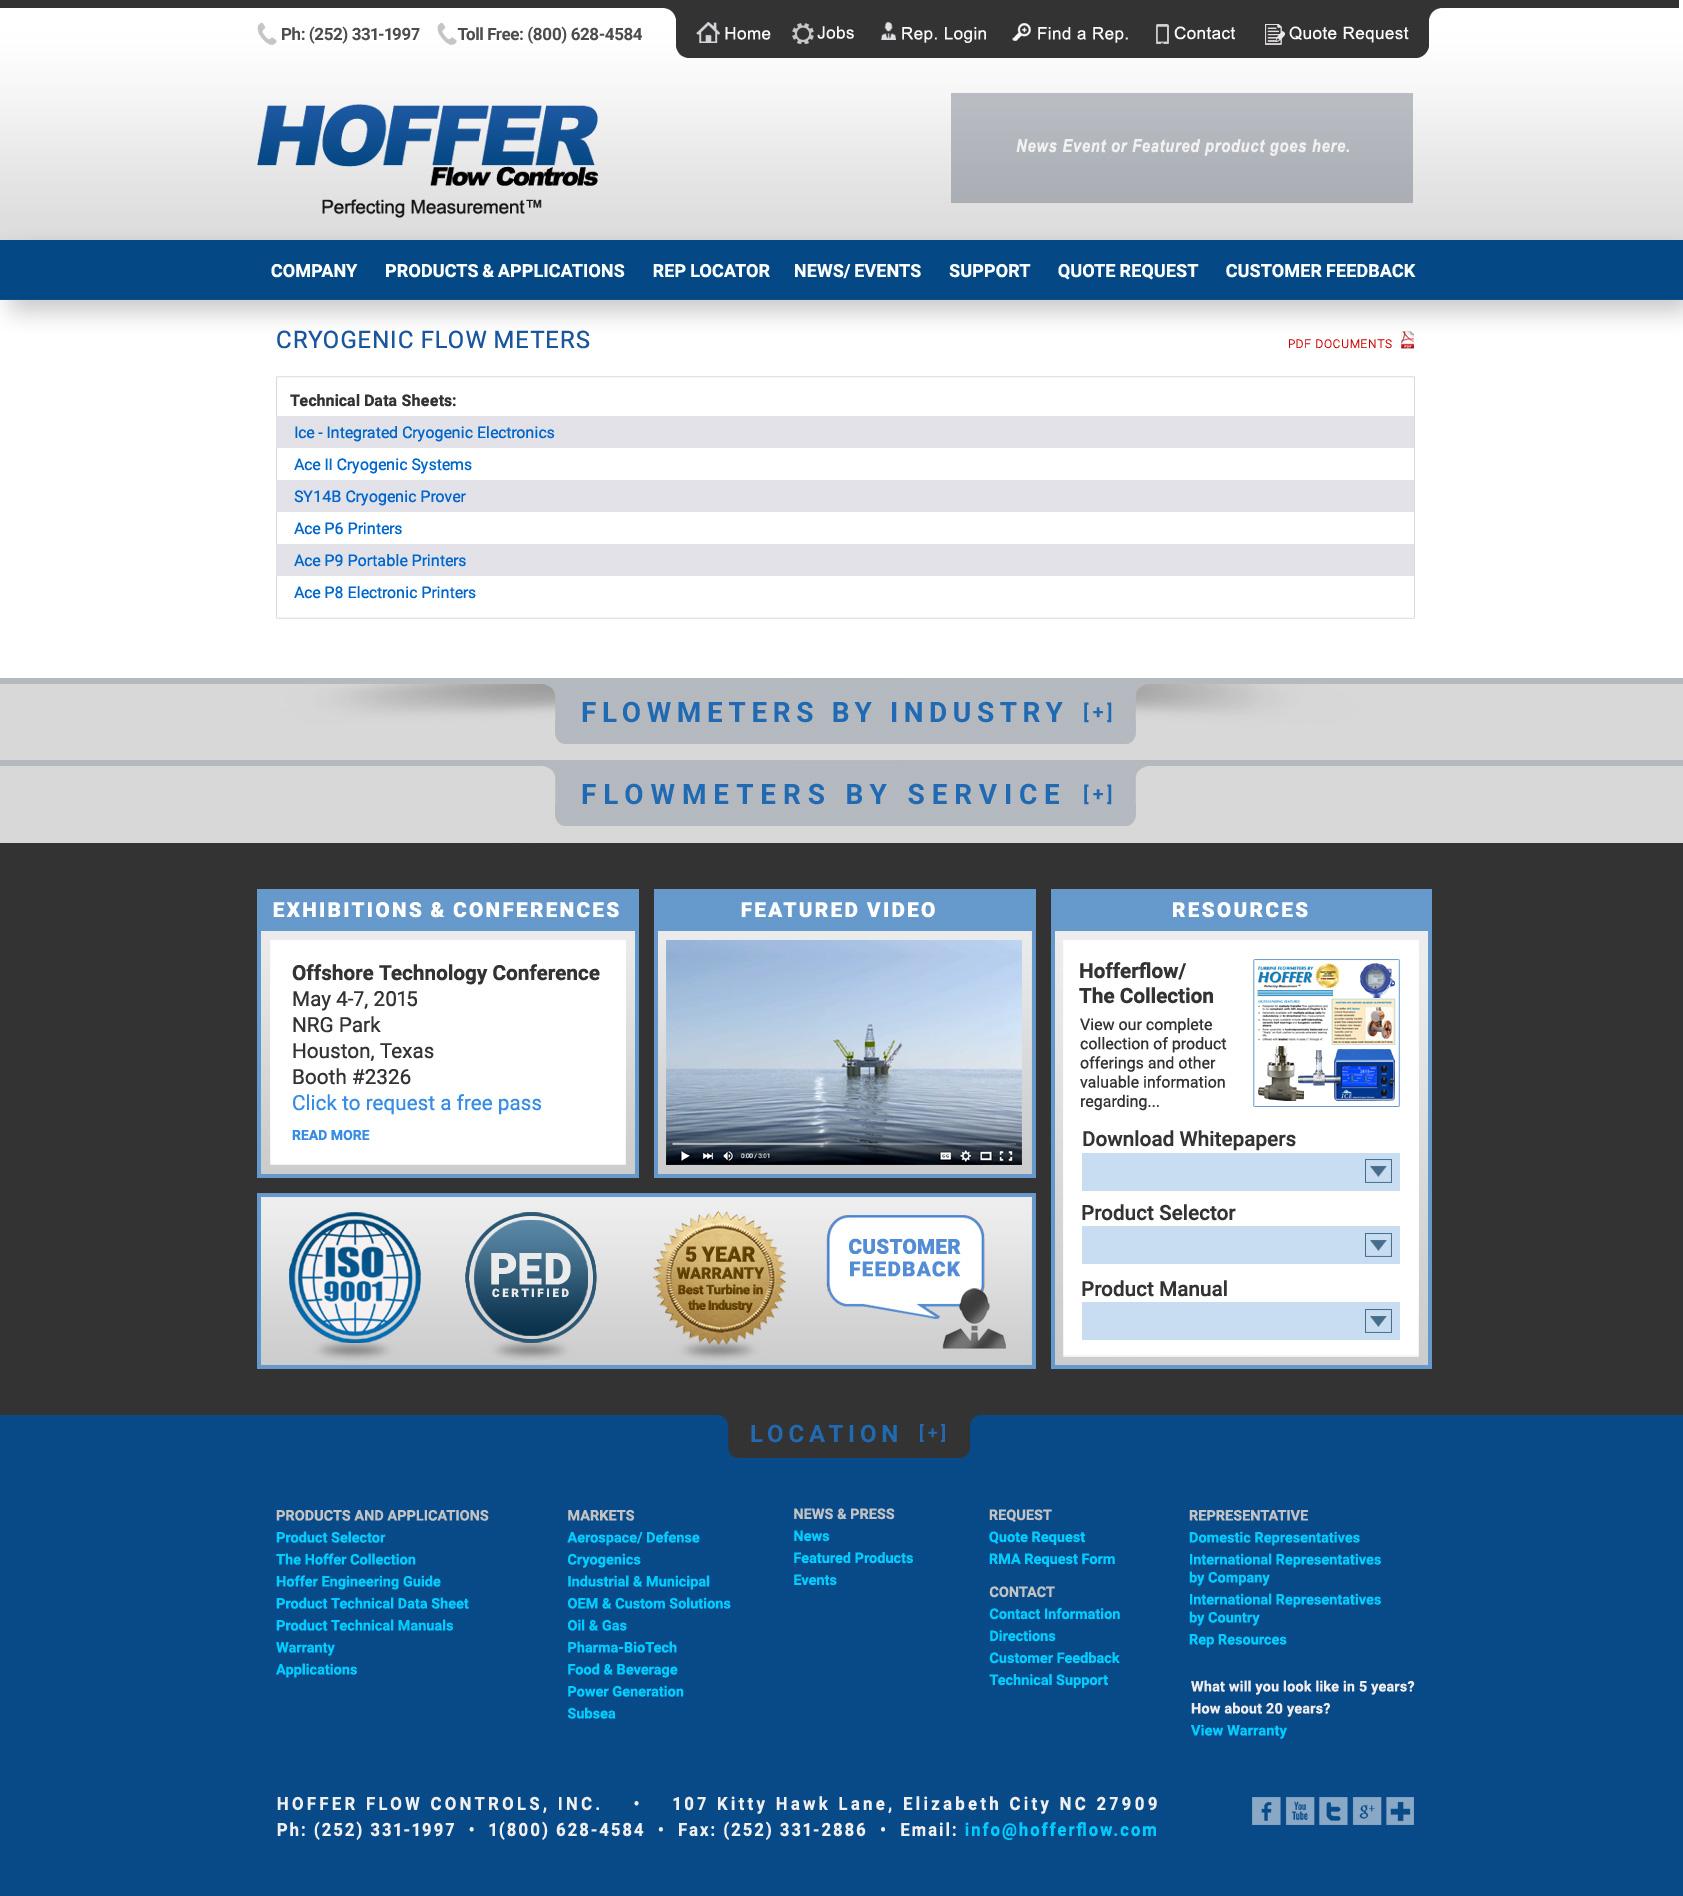 Responsive Web Designs Elizabeth City, NC : Hoffer Flow Controls